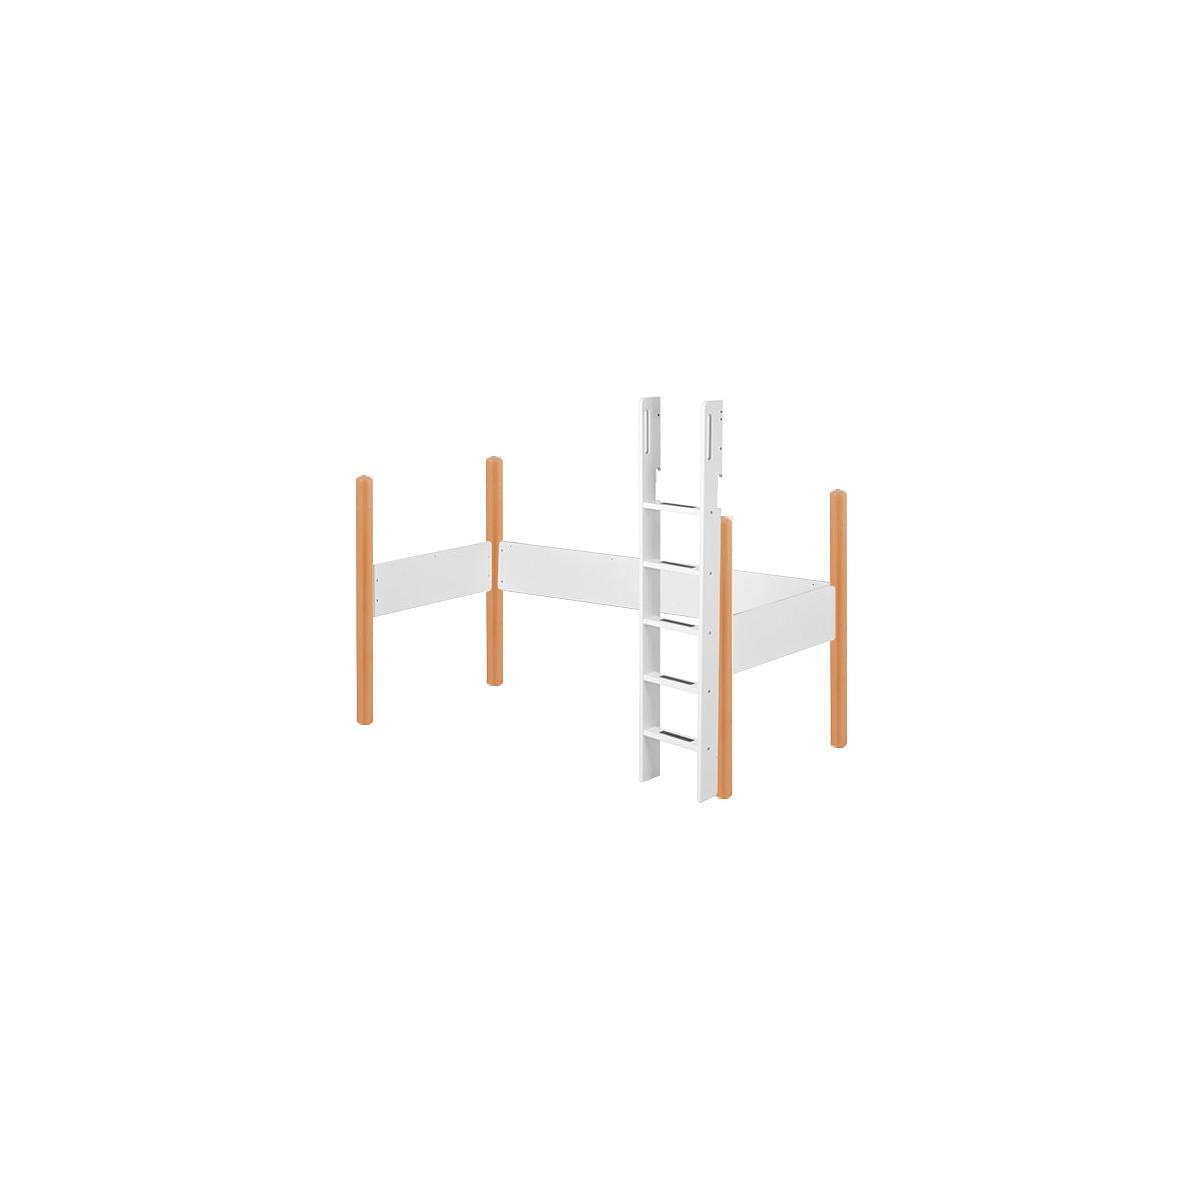 WHITE by Flexa Echelle et pieds pour lit mezzanine en MDF 200x90 cm